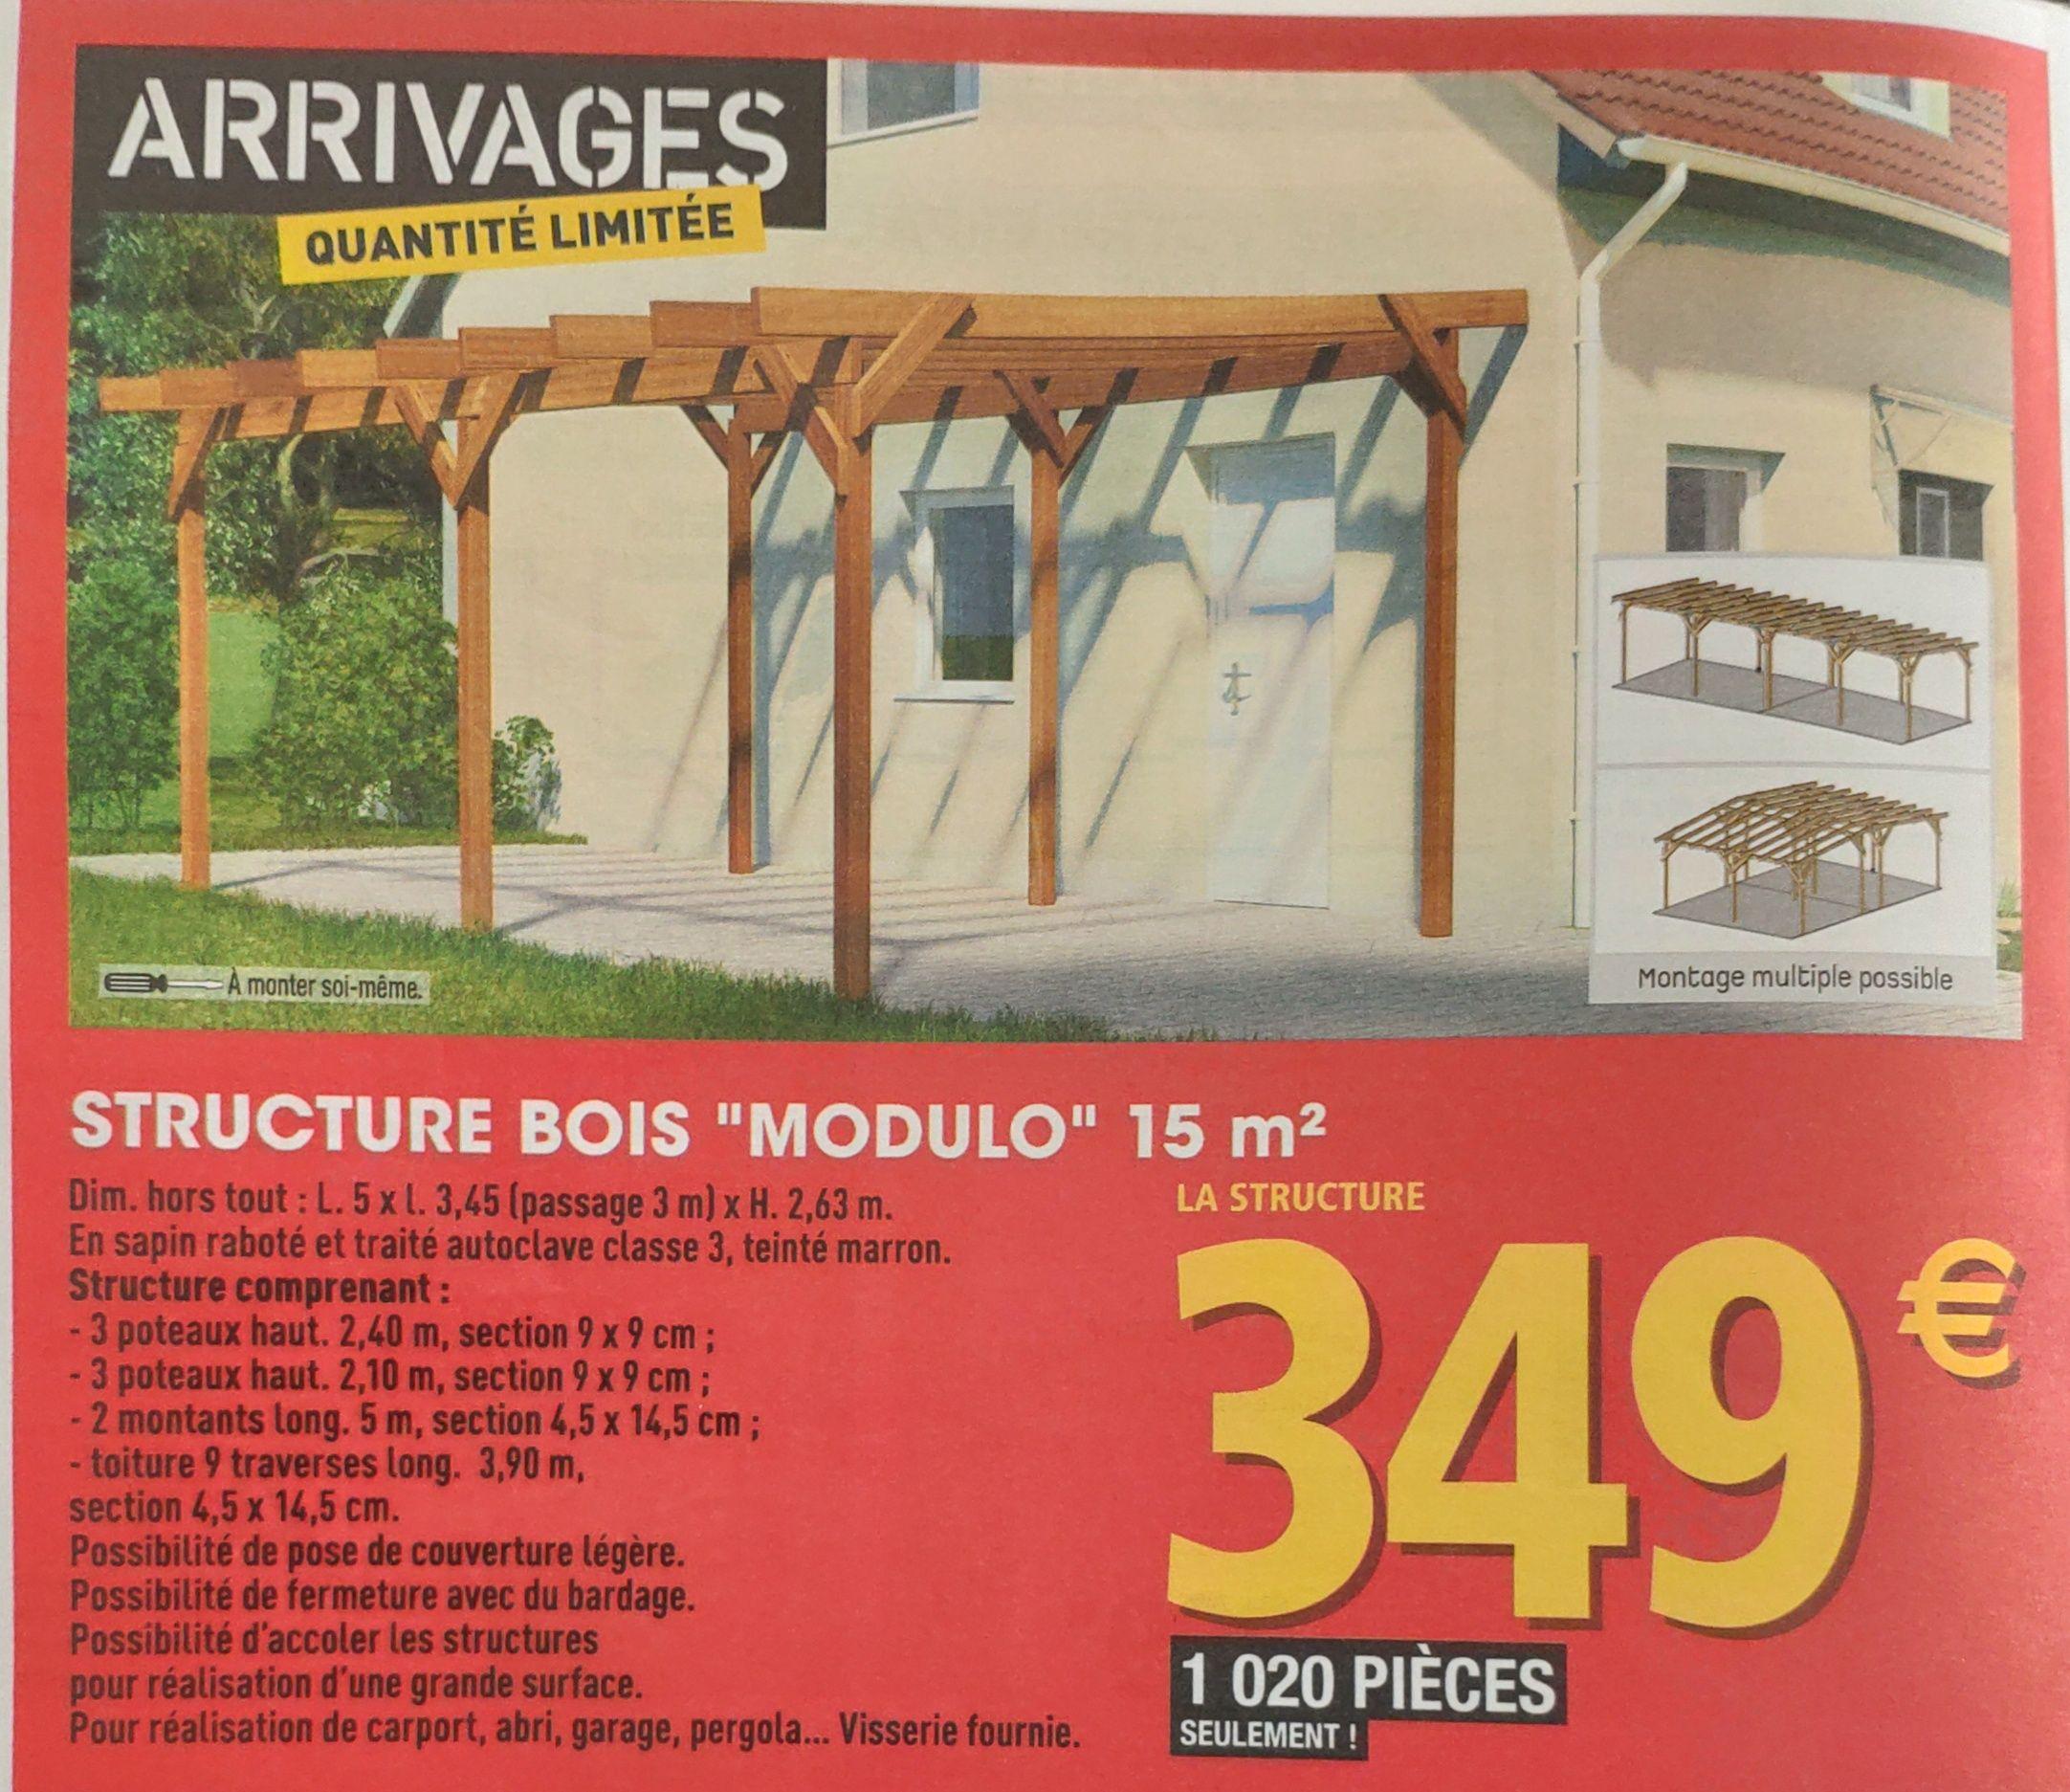 Structure bois Modulo - 15m²